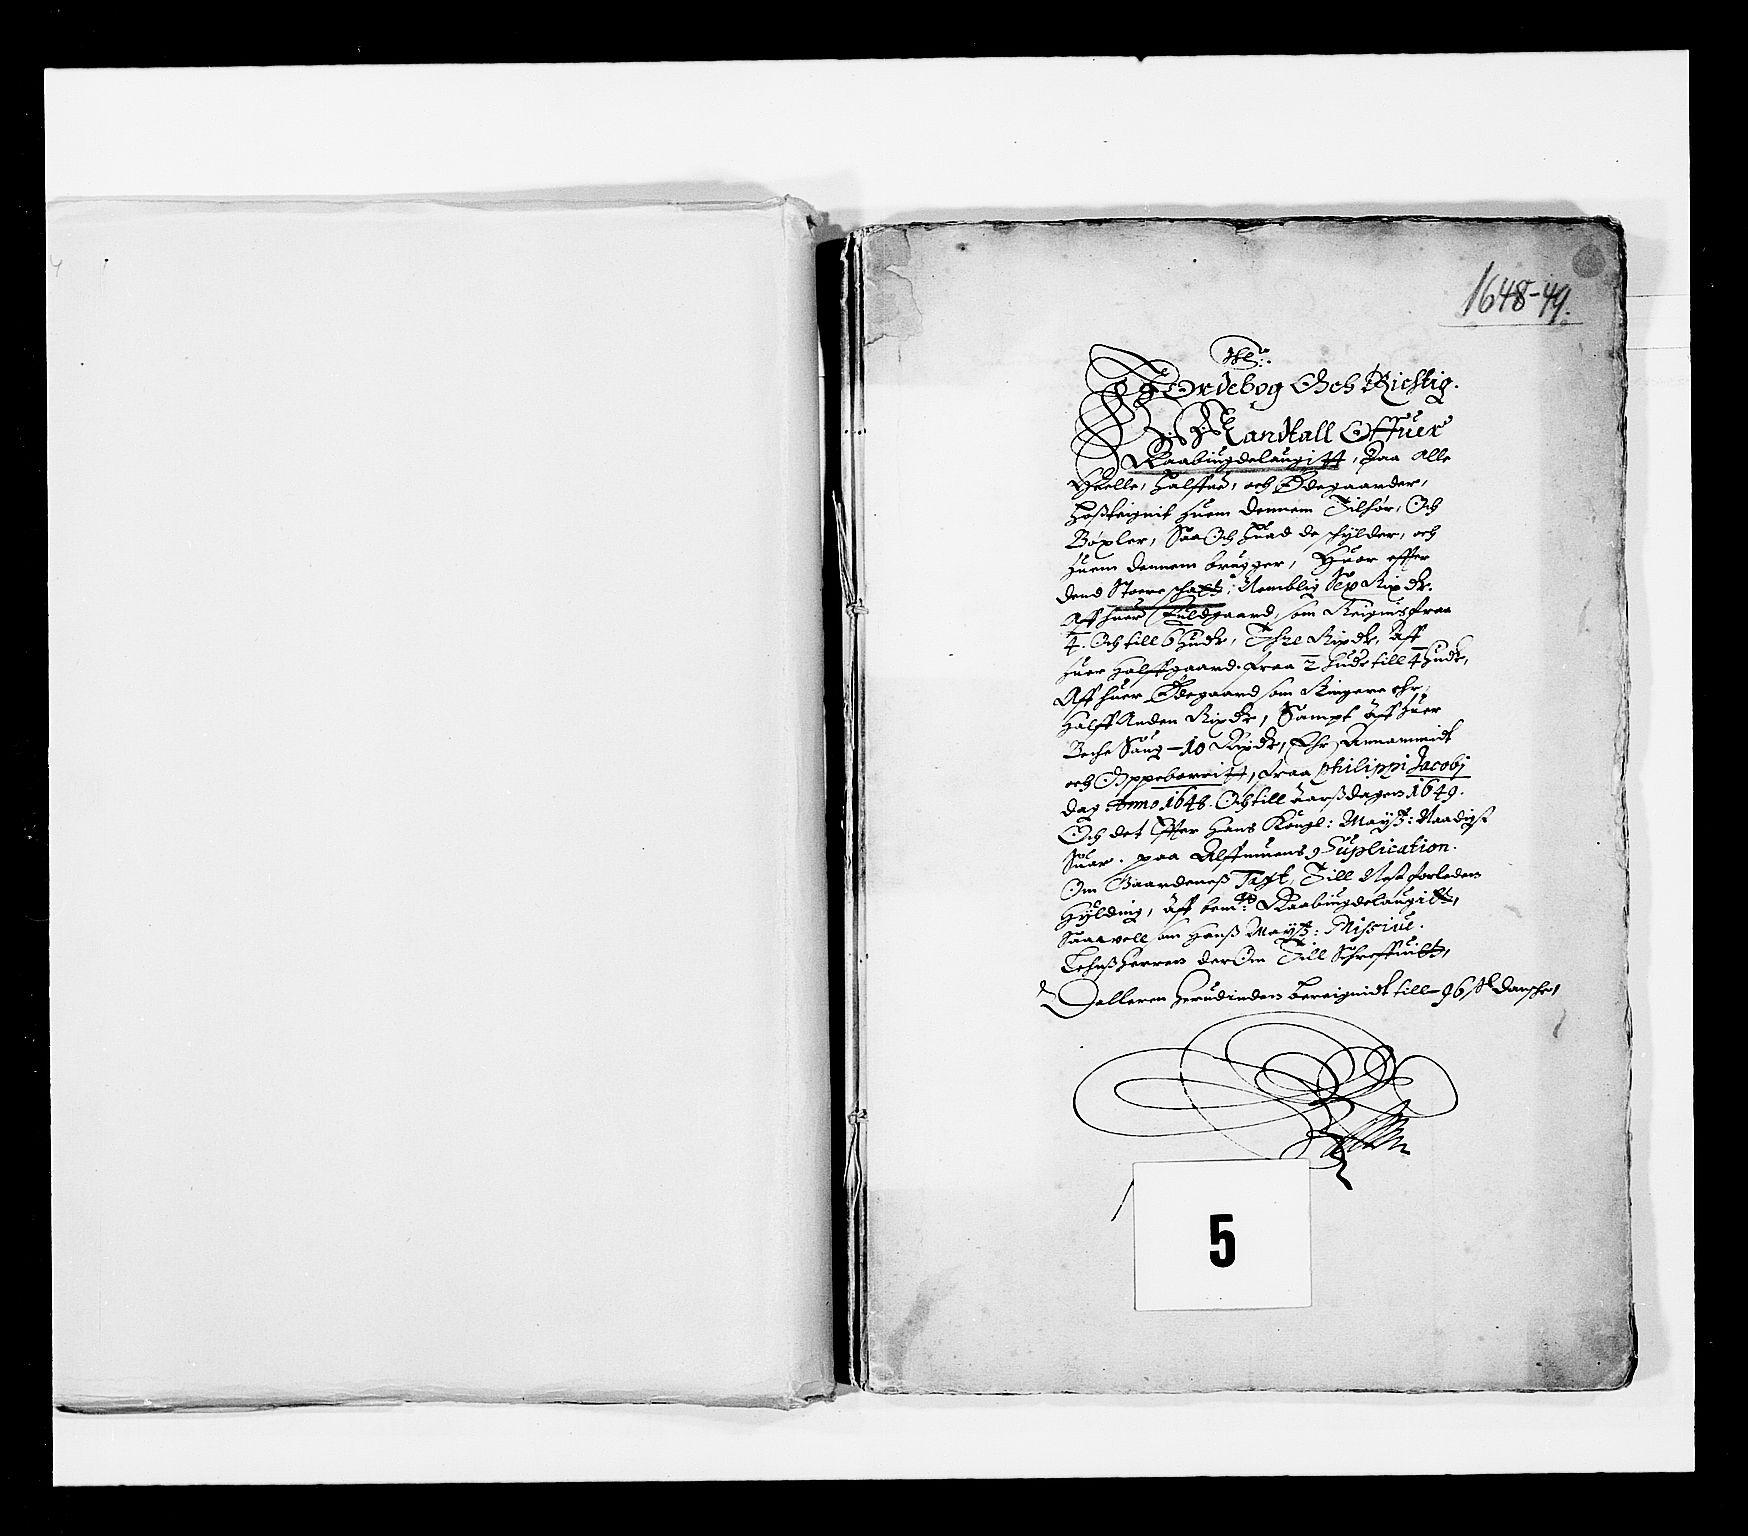 RA, Stattholderembetet 1572-1771, Ek/L0023: Jordebøker 1633-1658:, 1648-1649, s. 1